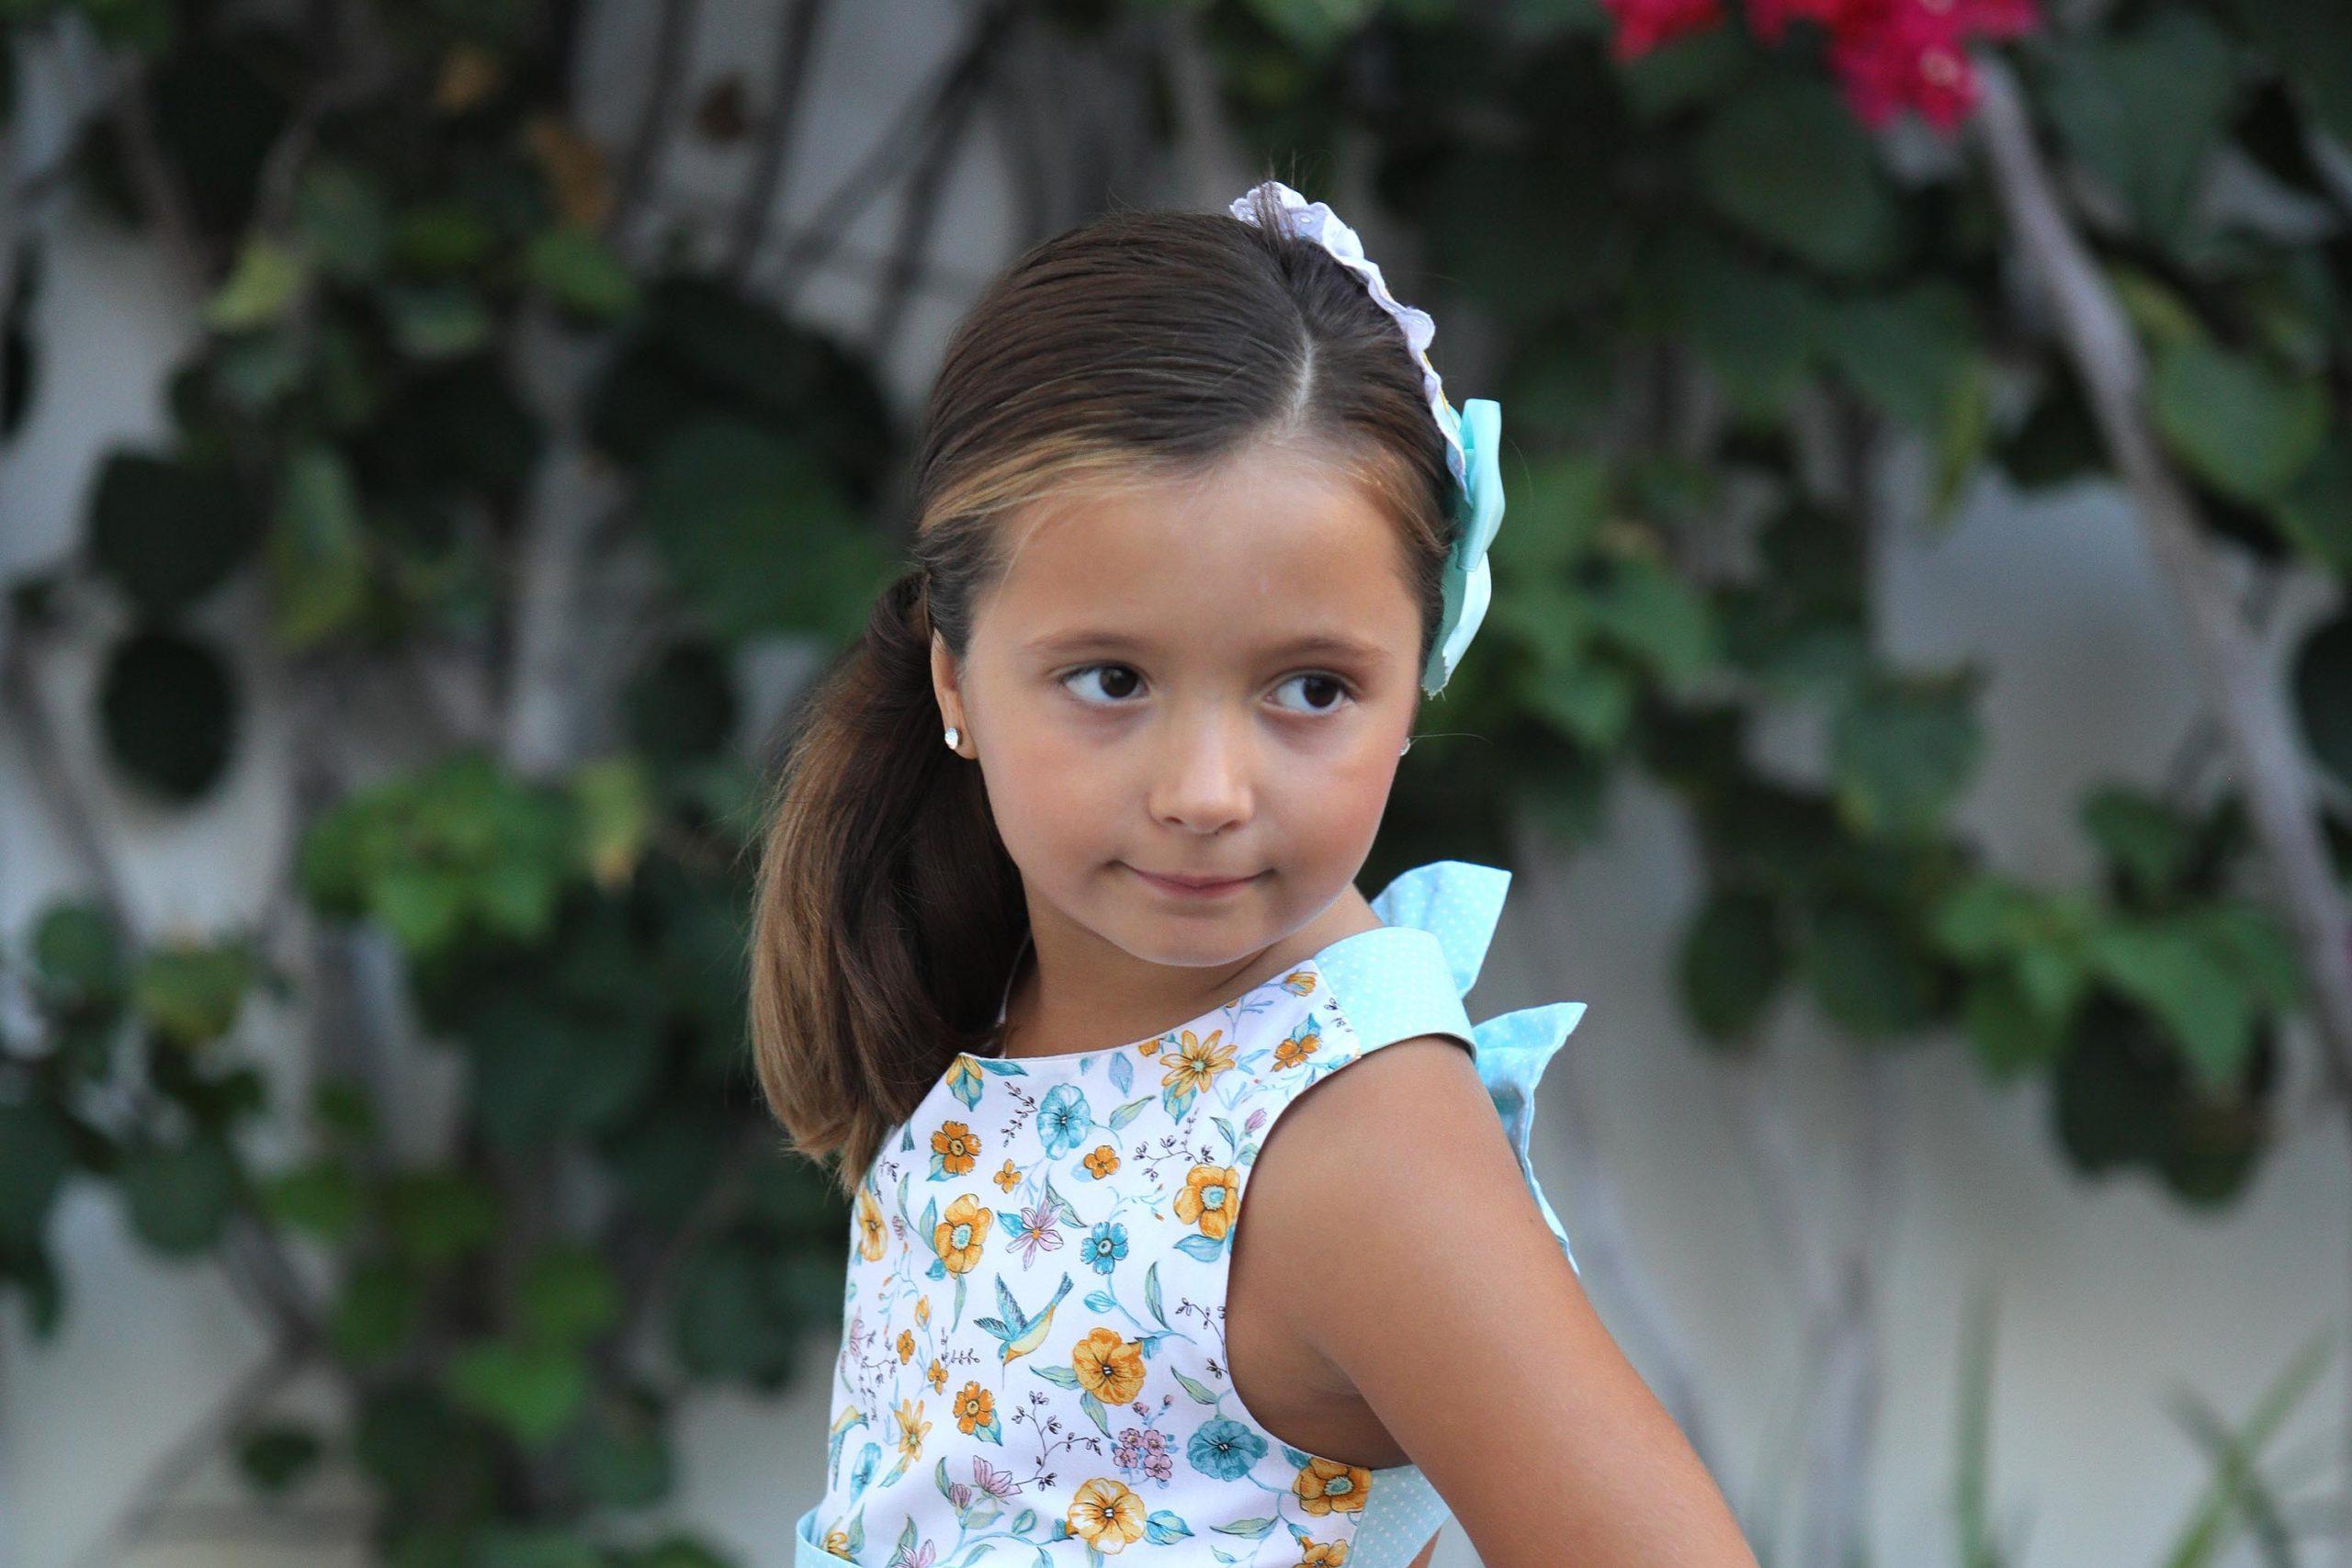 fotografia infantil malaga 5